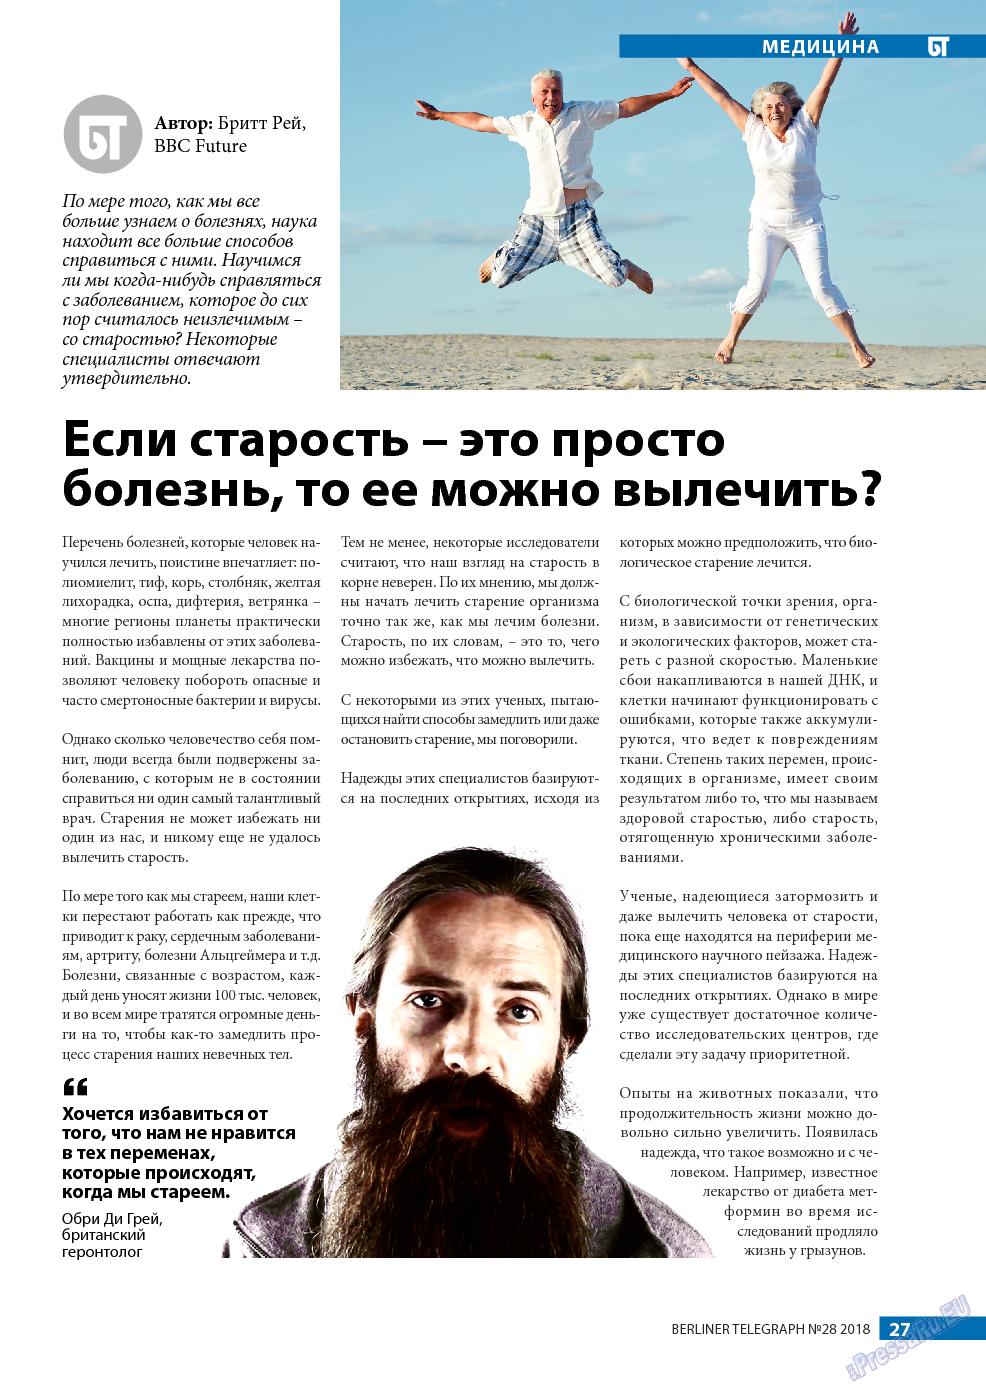 Берлинский телеграф (журнал). 2018 год, номер 28, стр. 27